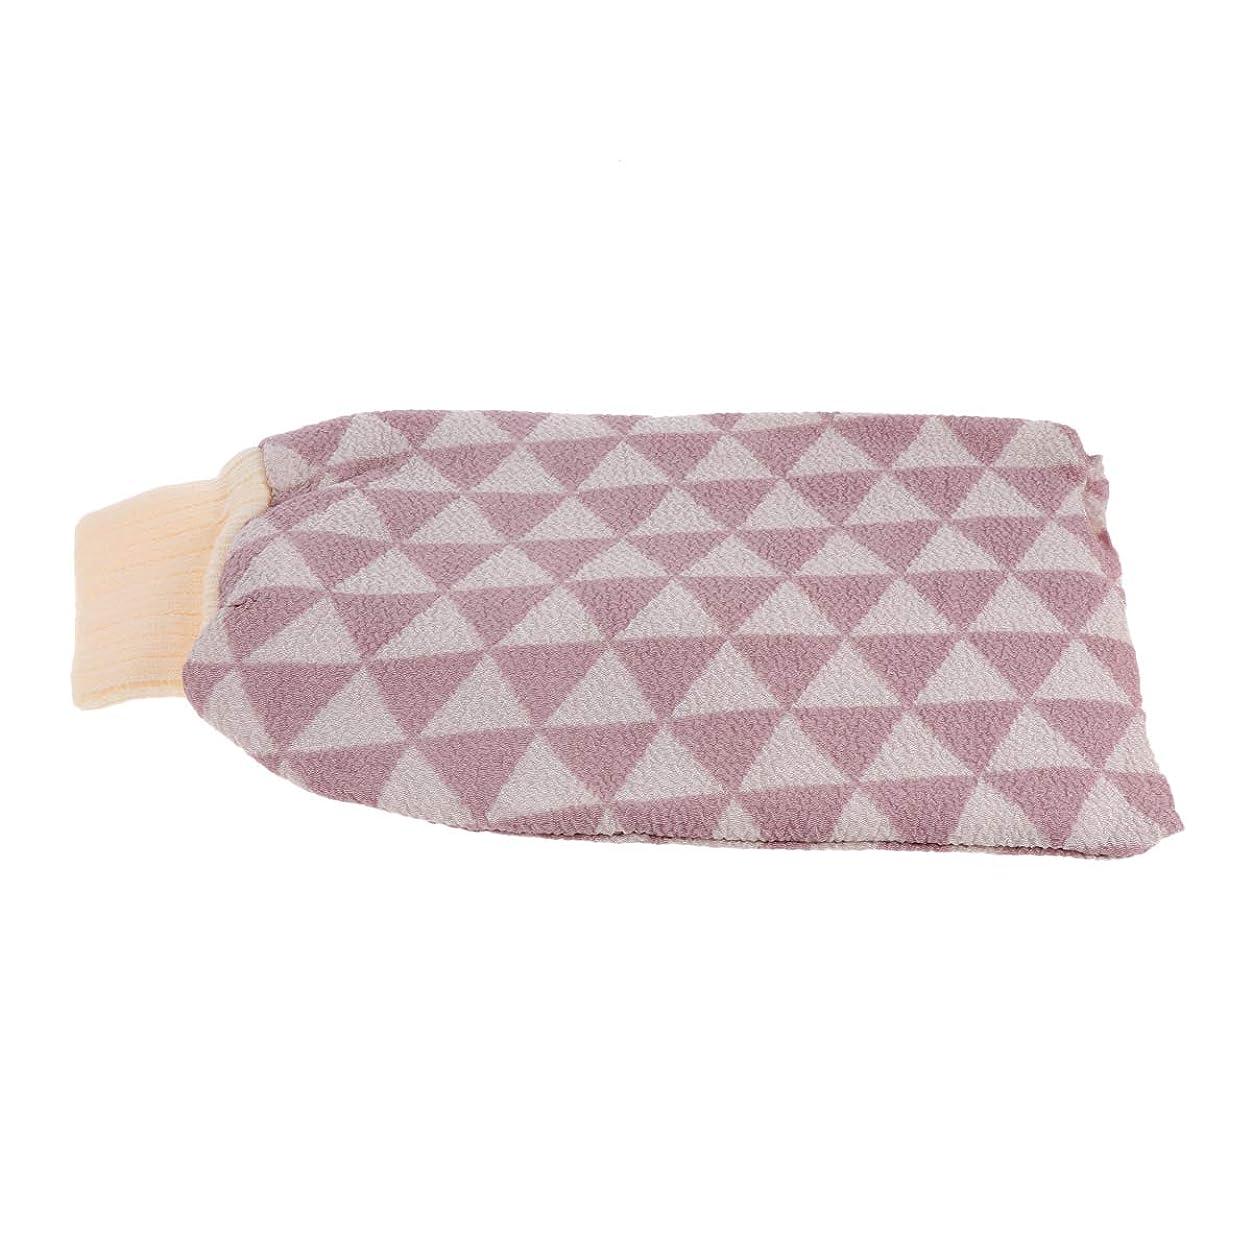 適応的キッチンローブHealifty バスウォッシュタオル剥離バスクロス手袋バックスクラバーバスクロスタオルボディ用ボディーシャワーシャワースパブラシ